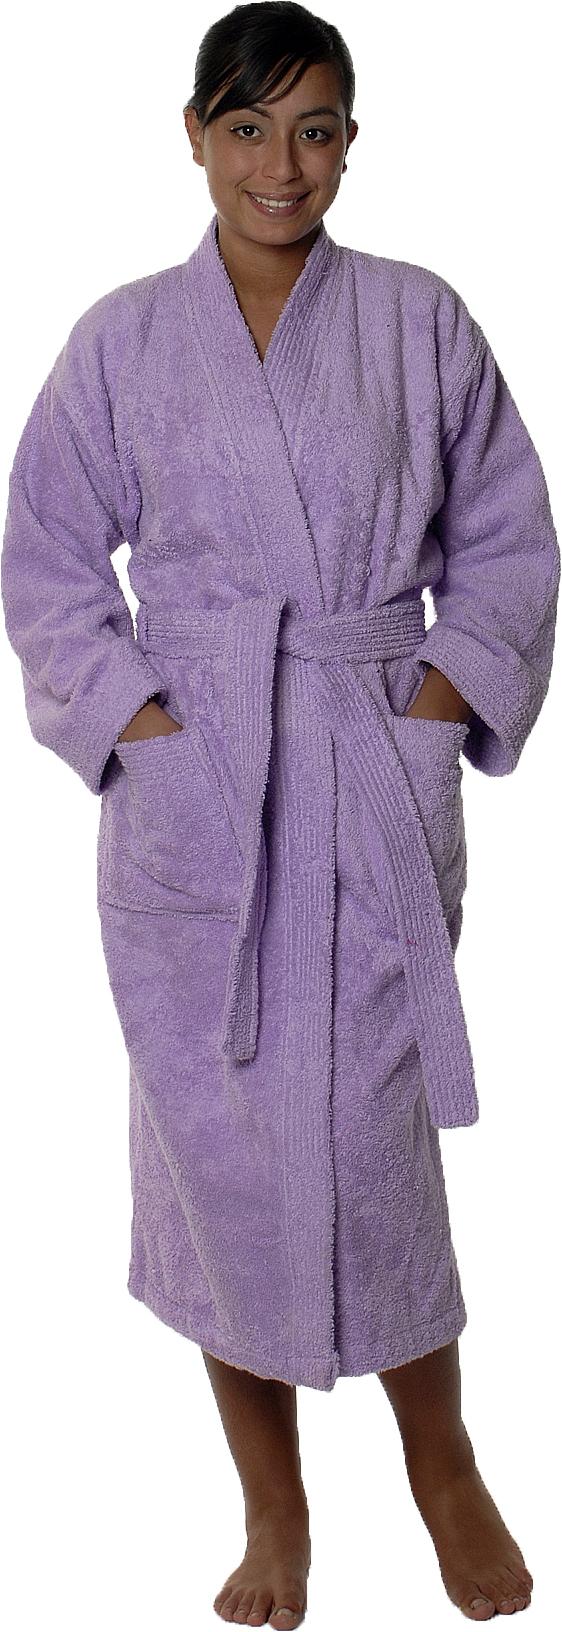 Peignoir col kimono en Coton couleur Parme Taille S (Parme)